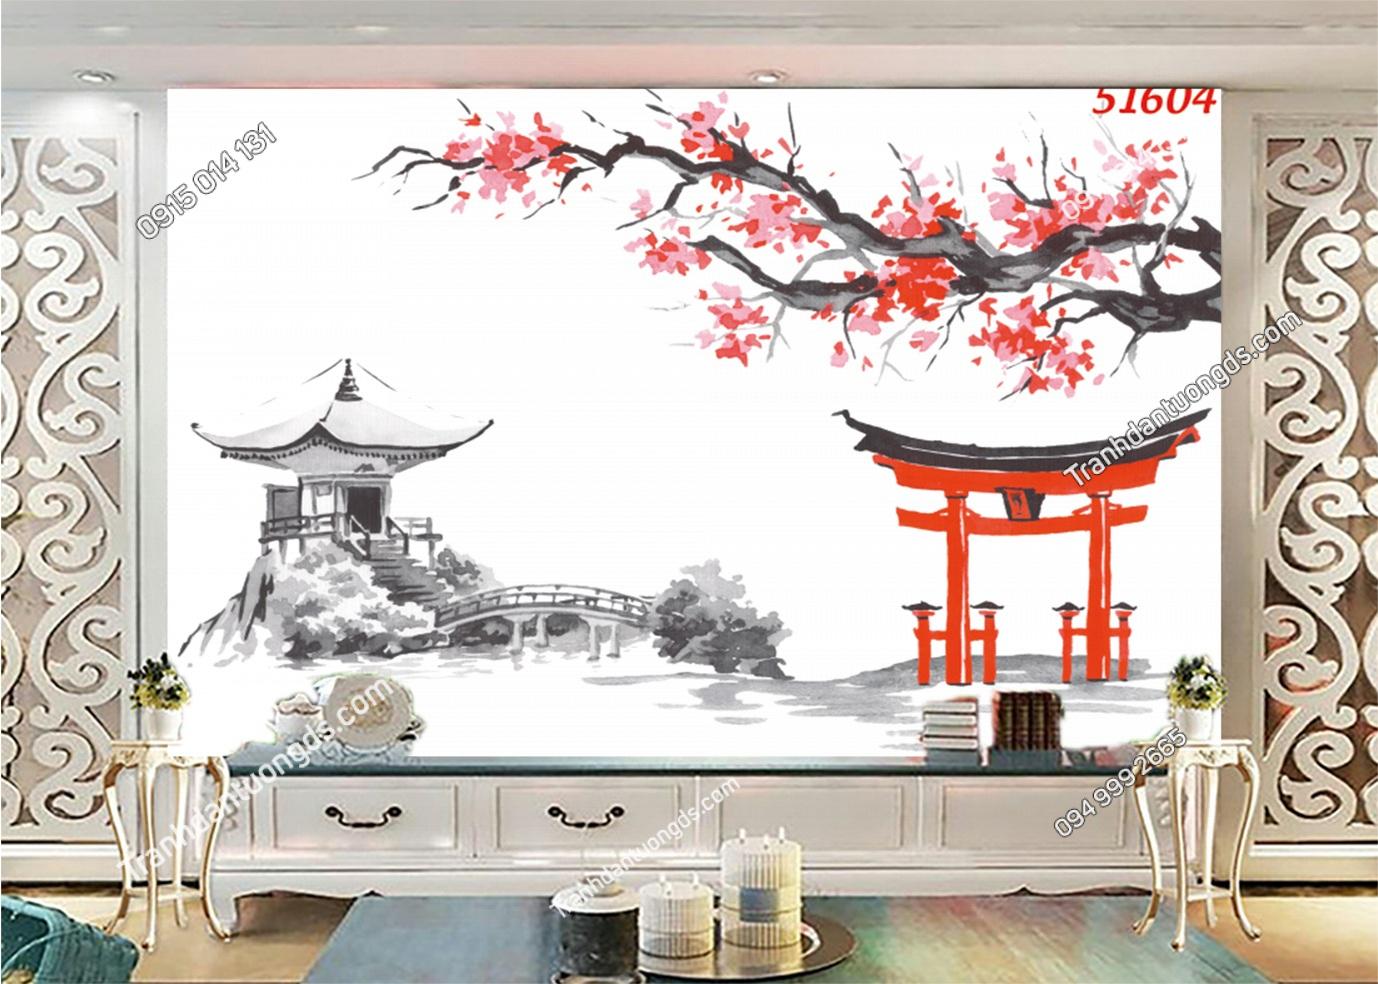 Tranh Nhật Bản phong cách thuy mặc 51604